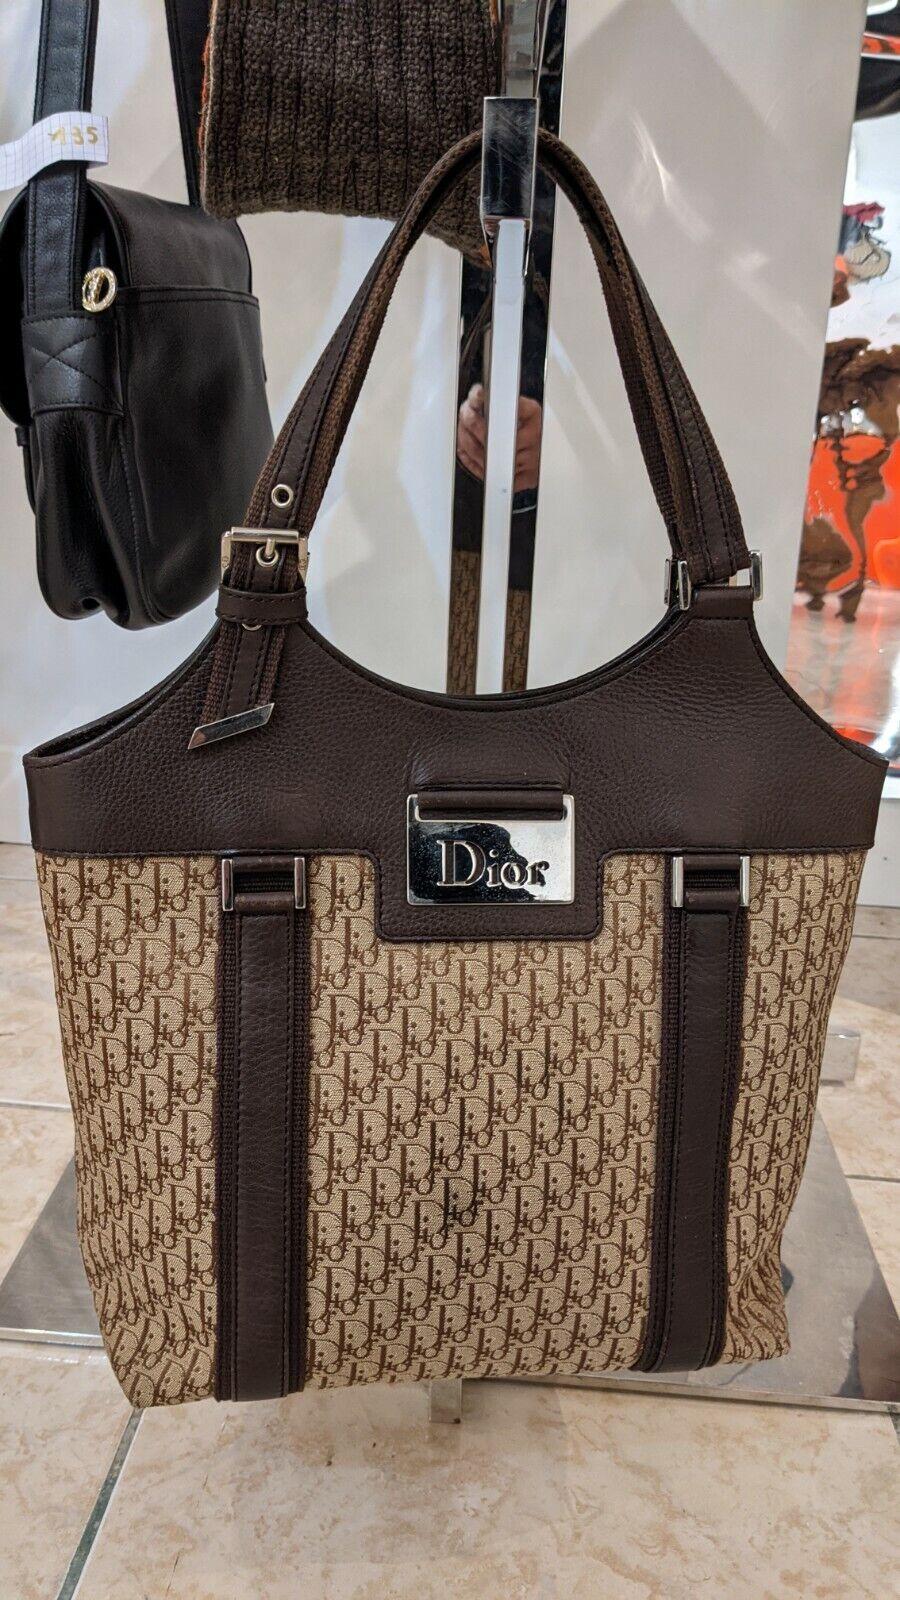 Christian dior, sac, bag, vintage